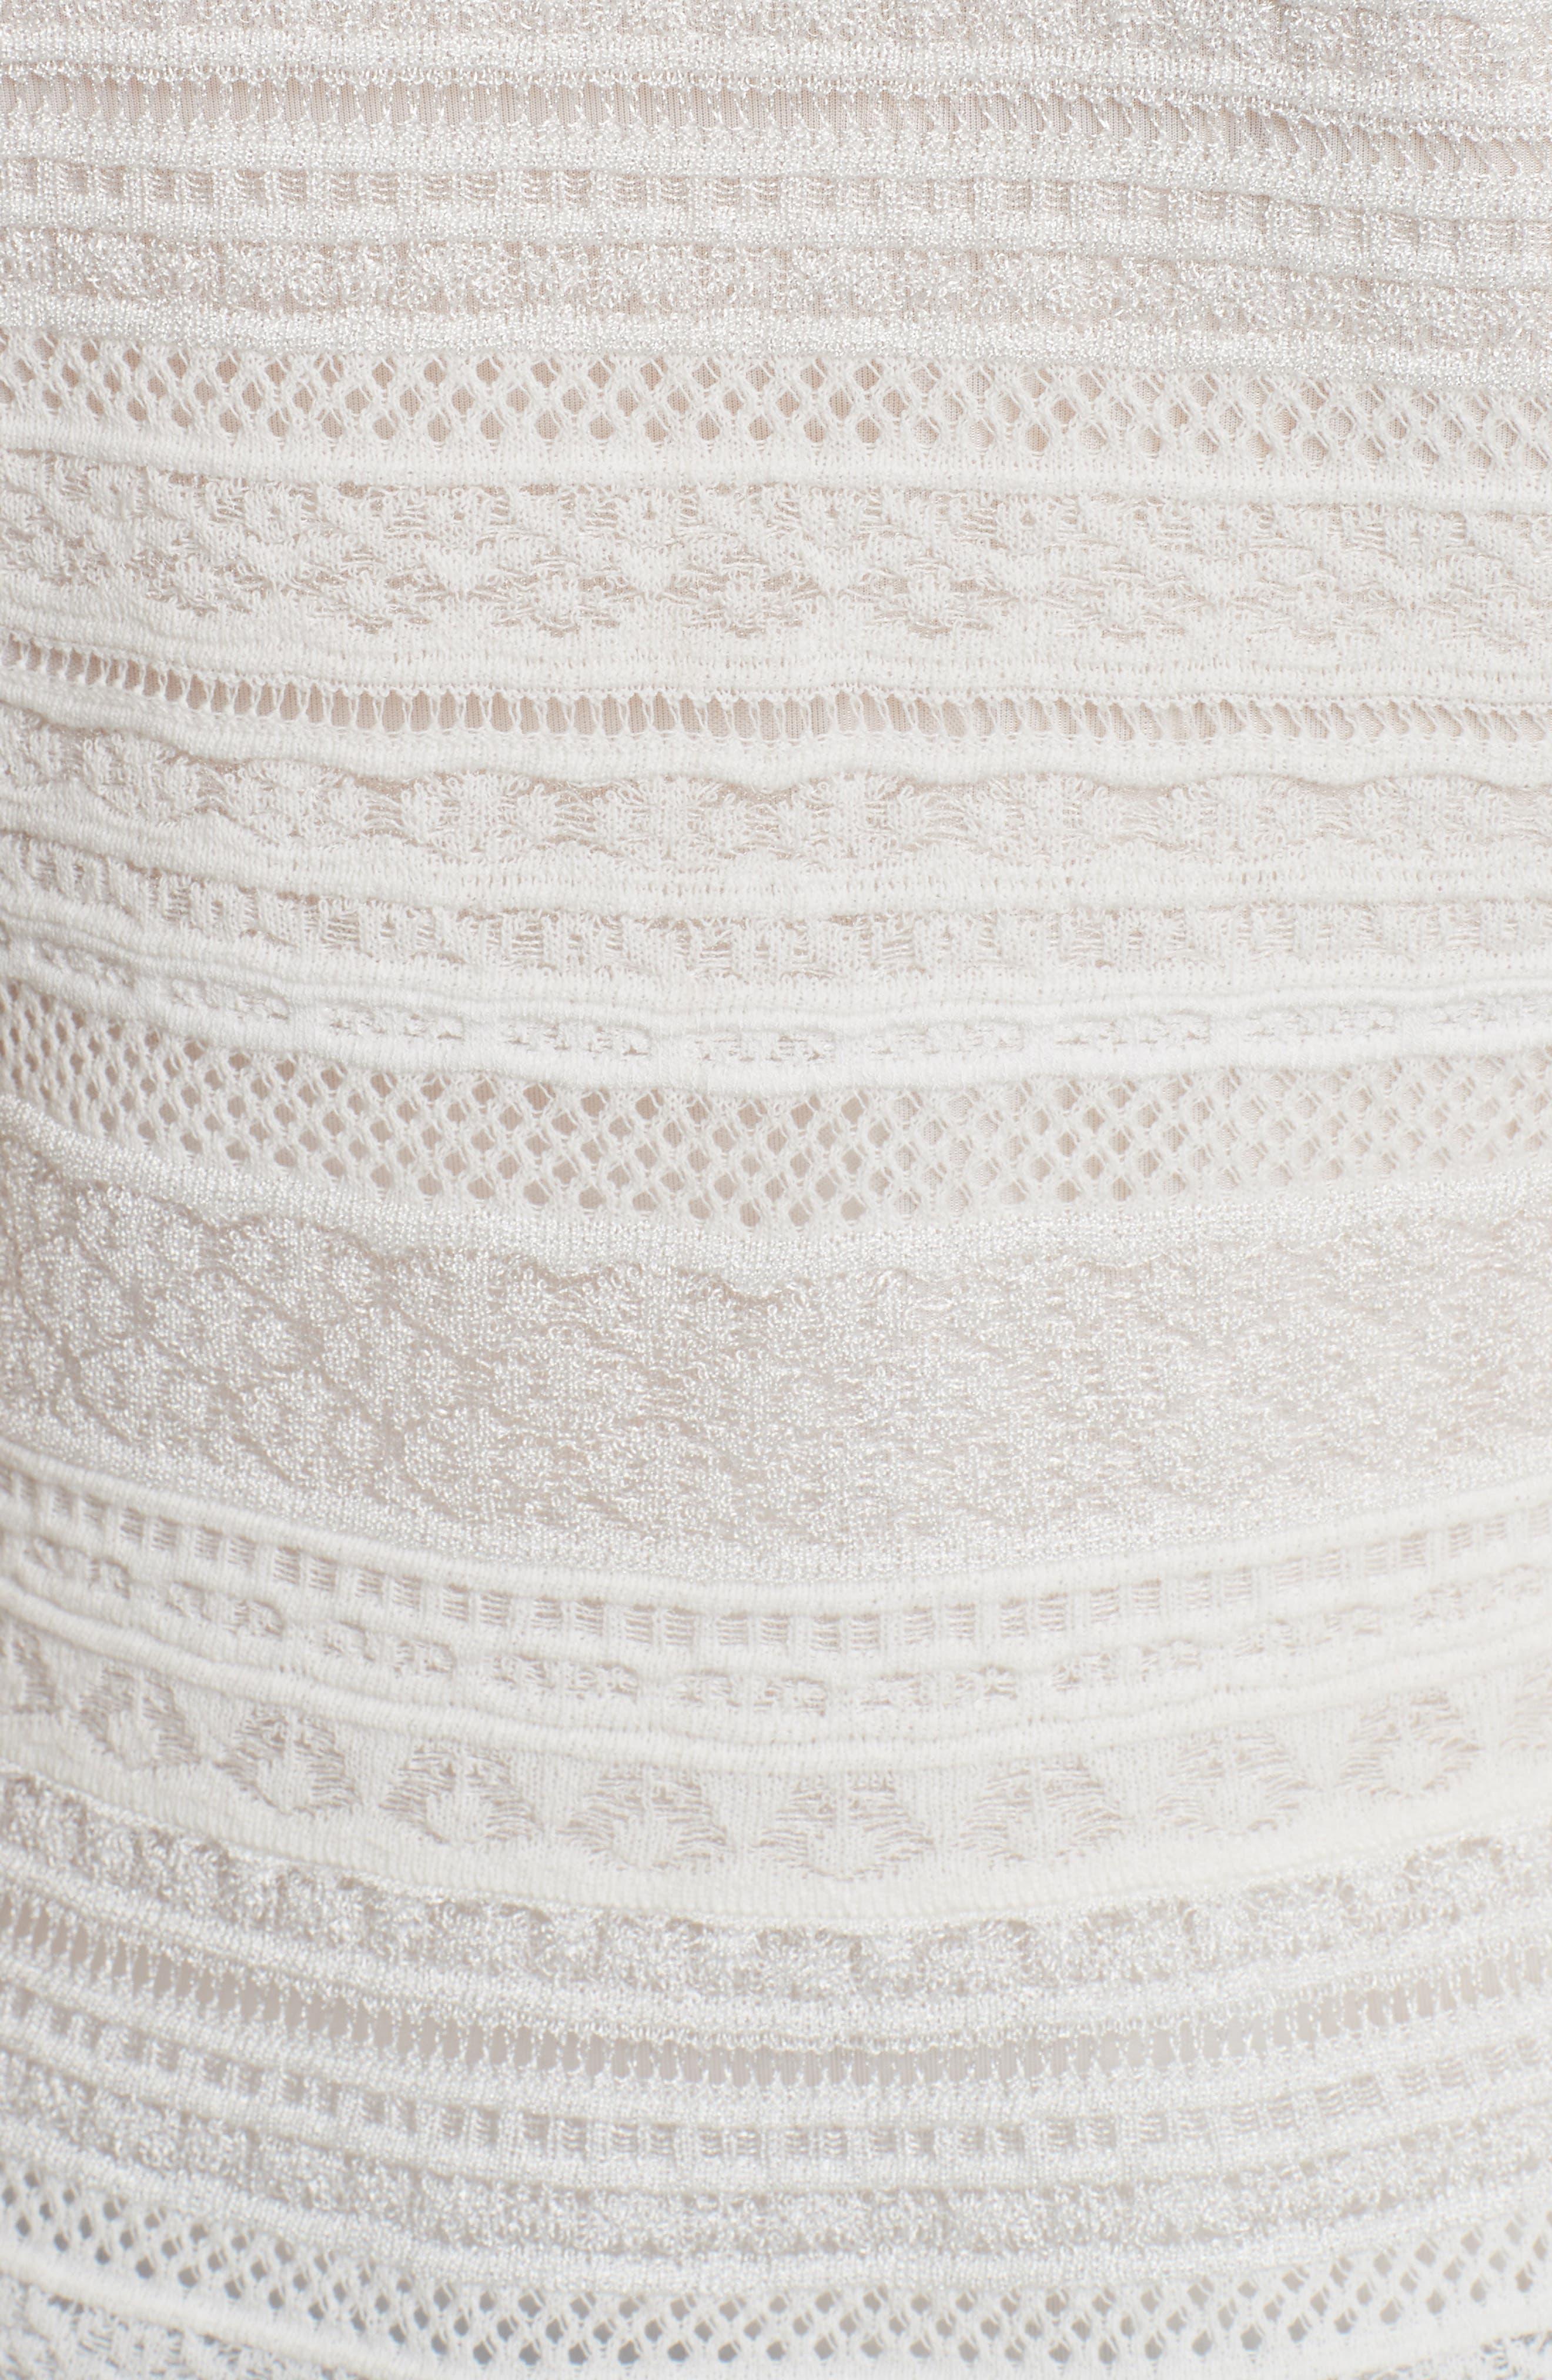 Lace Ribbon Peplum Top,                             Alternate thumbnail 5, color,                             110